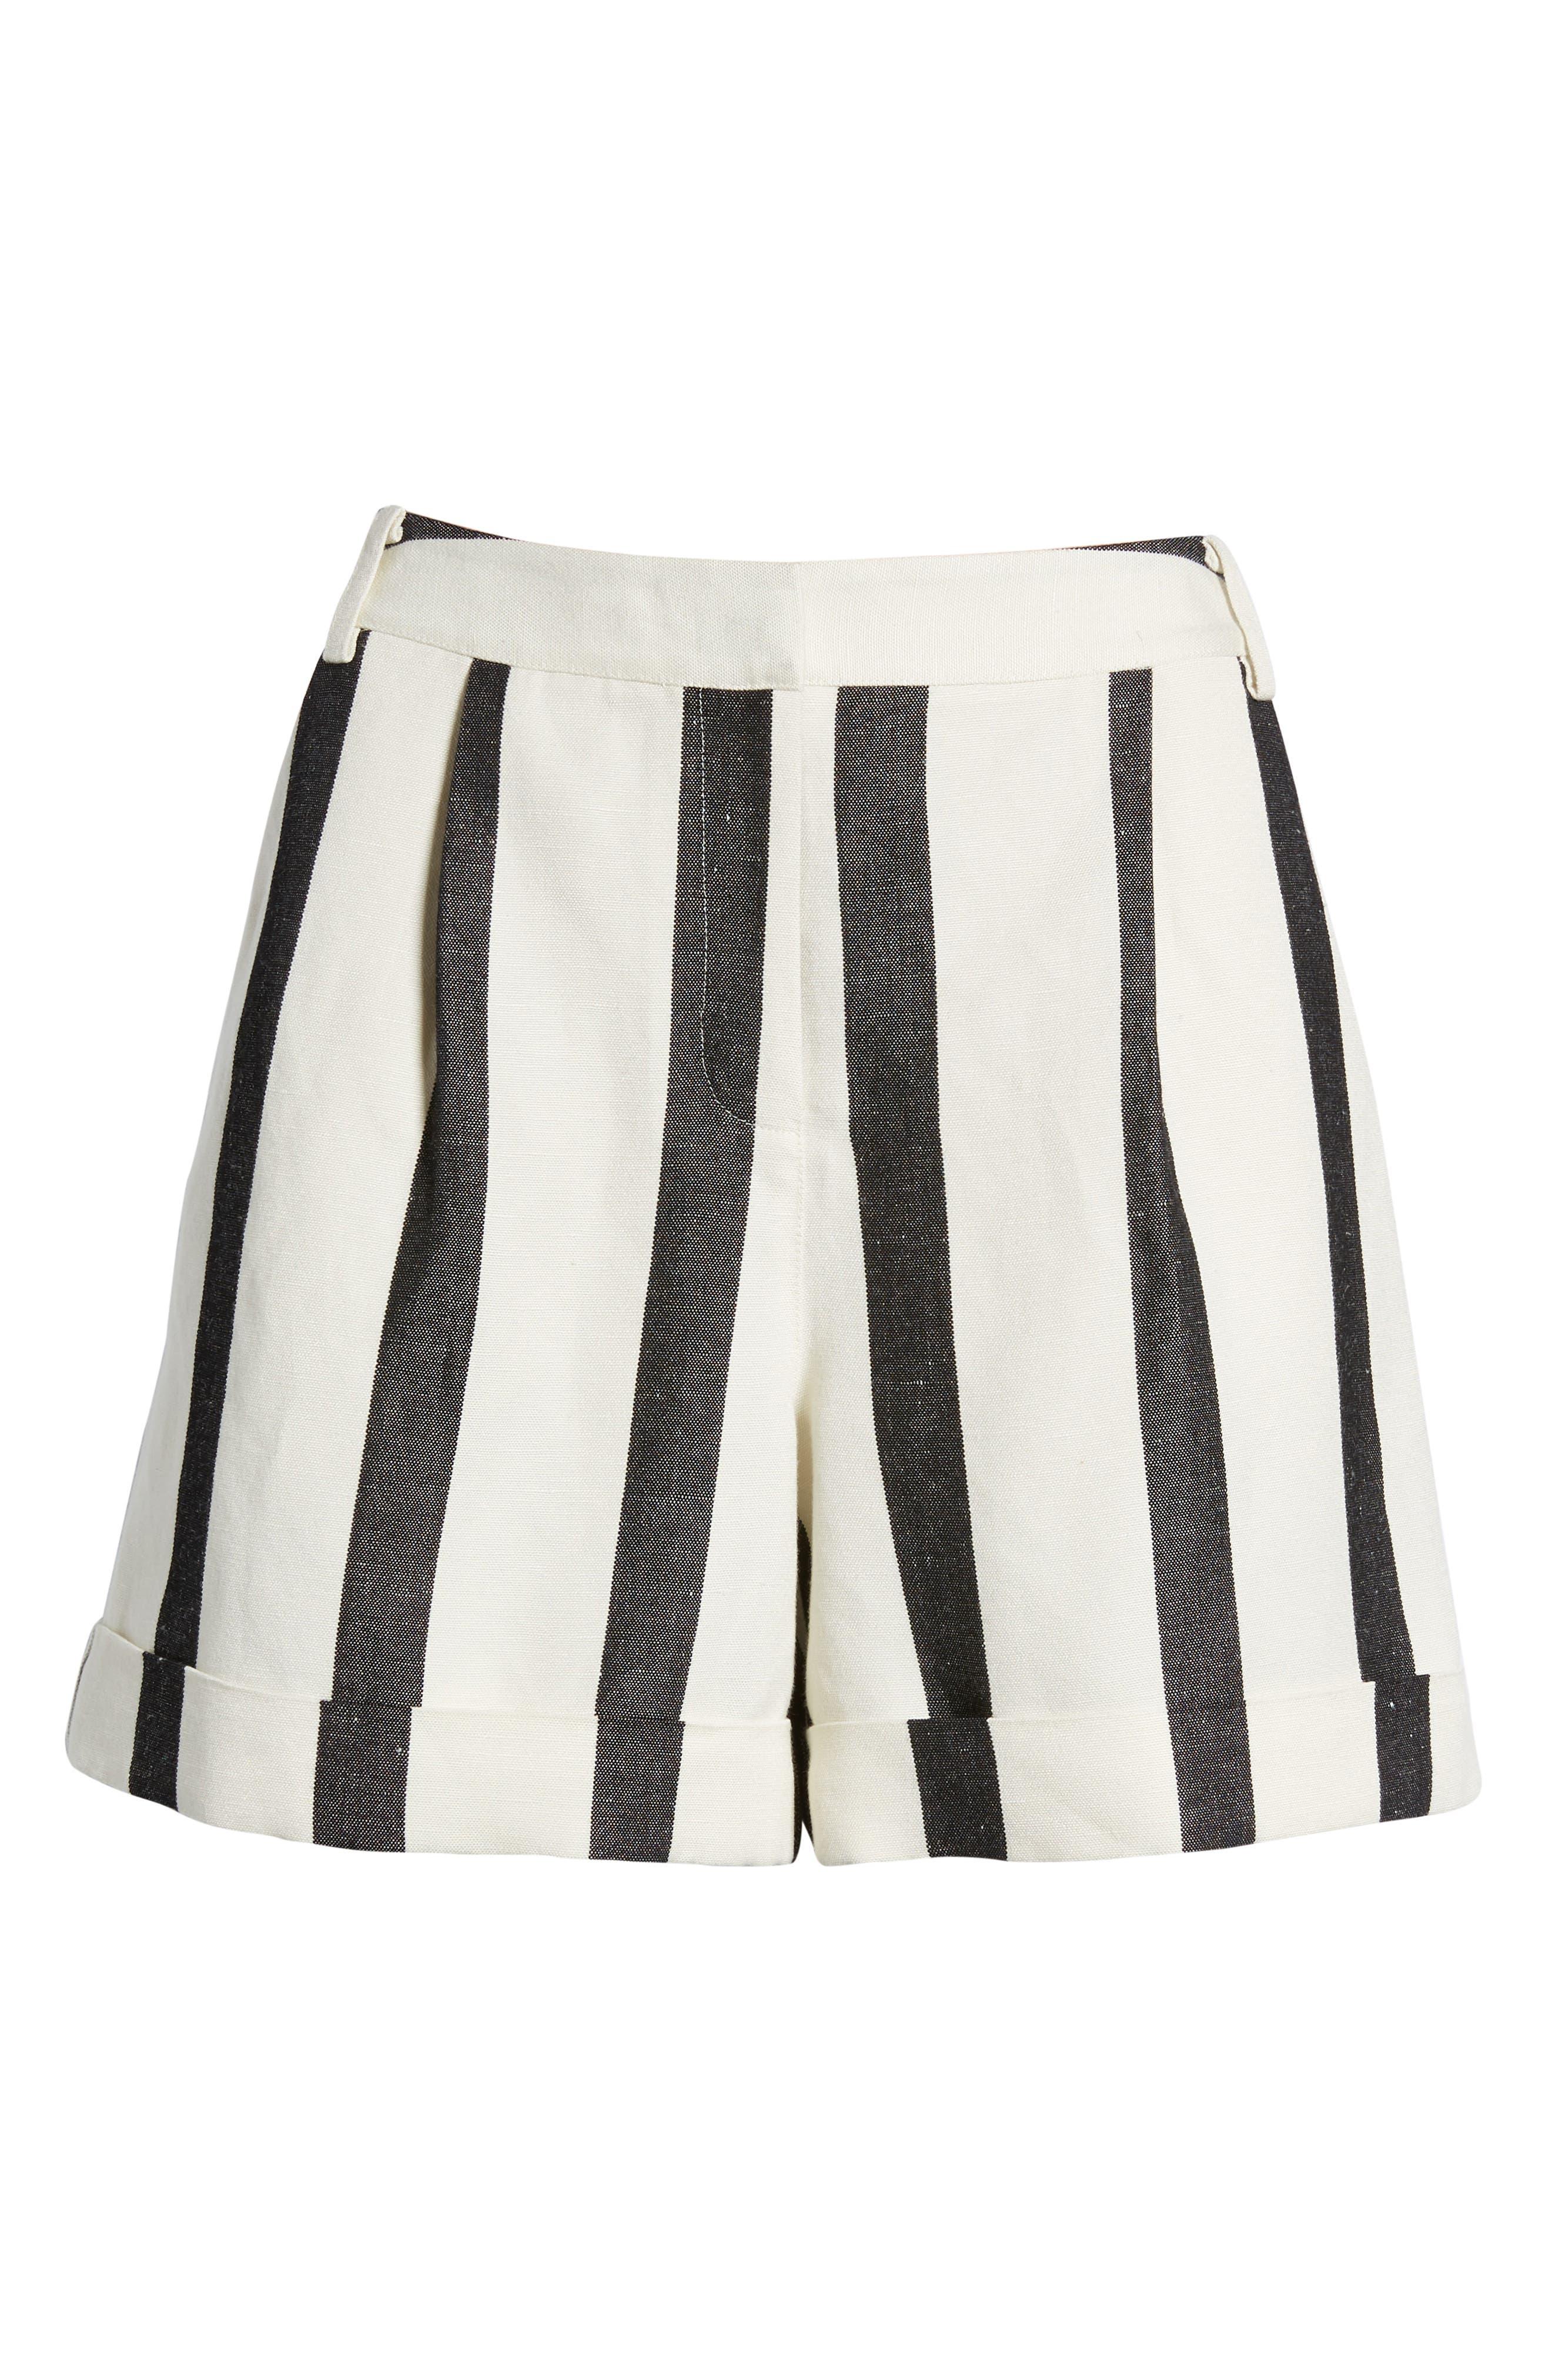 TROUVÉ,                             Stripe Cuff Shorts,                             Alternate thumbnail 6, color,                             101